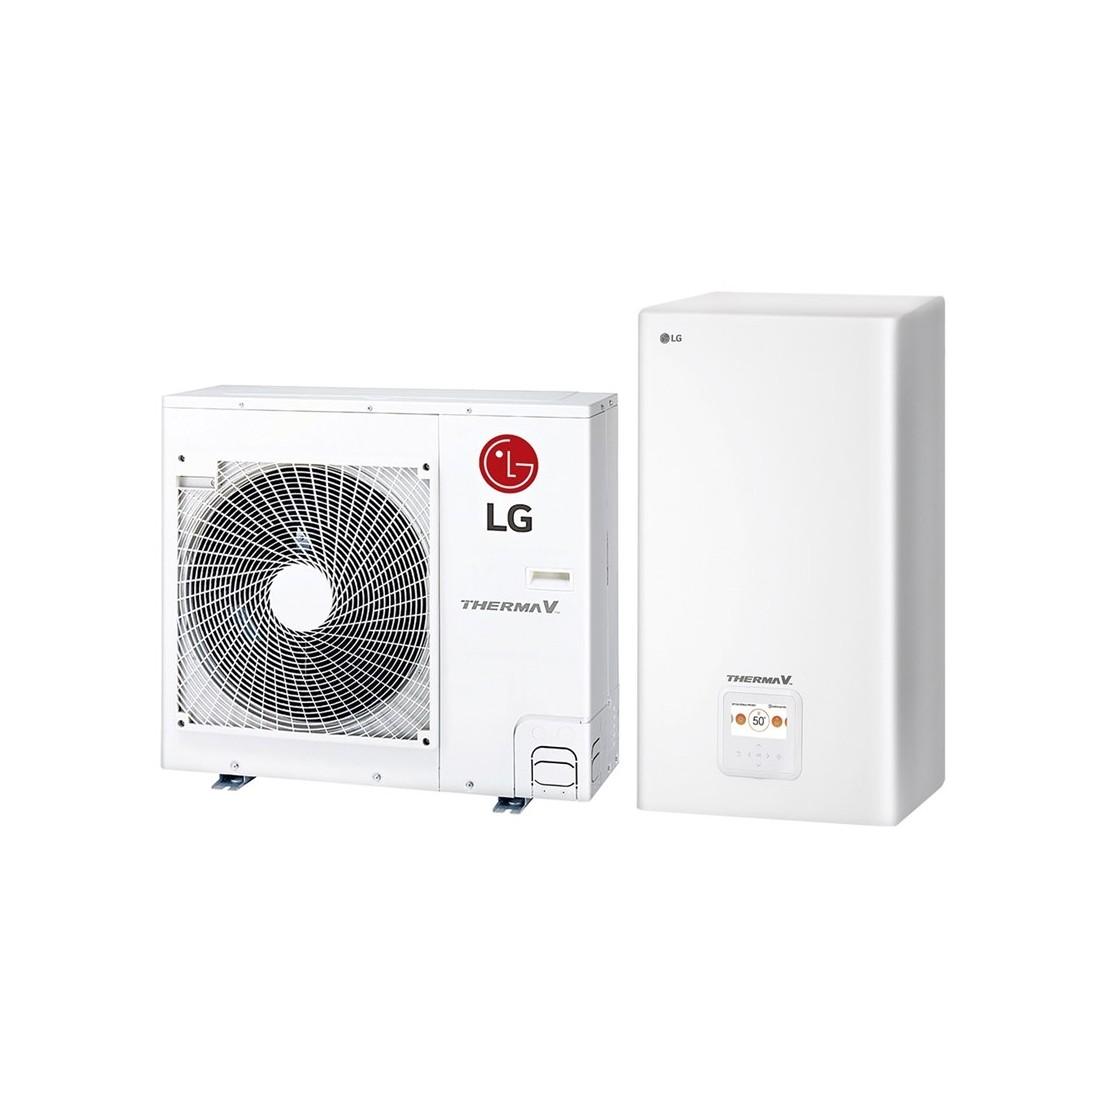 Šilumos siurblys Oras-Vanduo LG Therma V, Split, 5.5 kW Ø1 + kondicionierius LG tik už 1 ct!